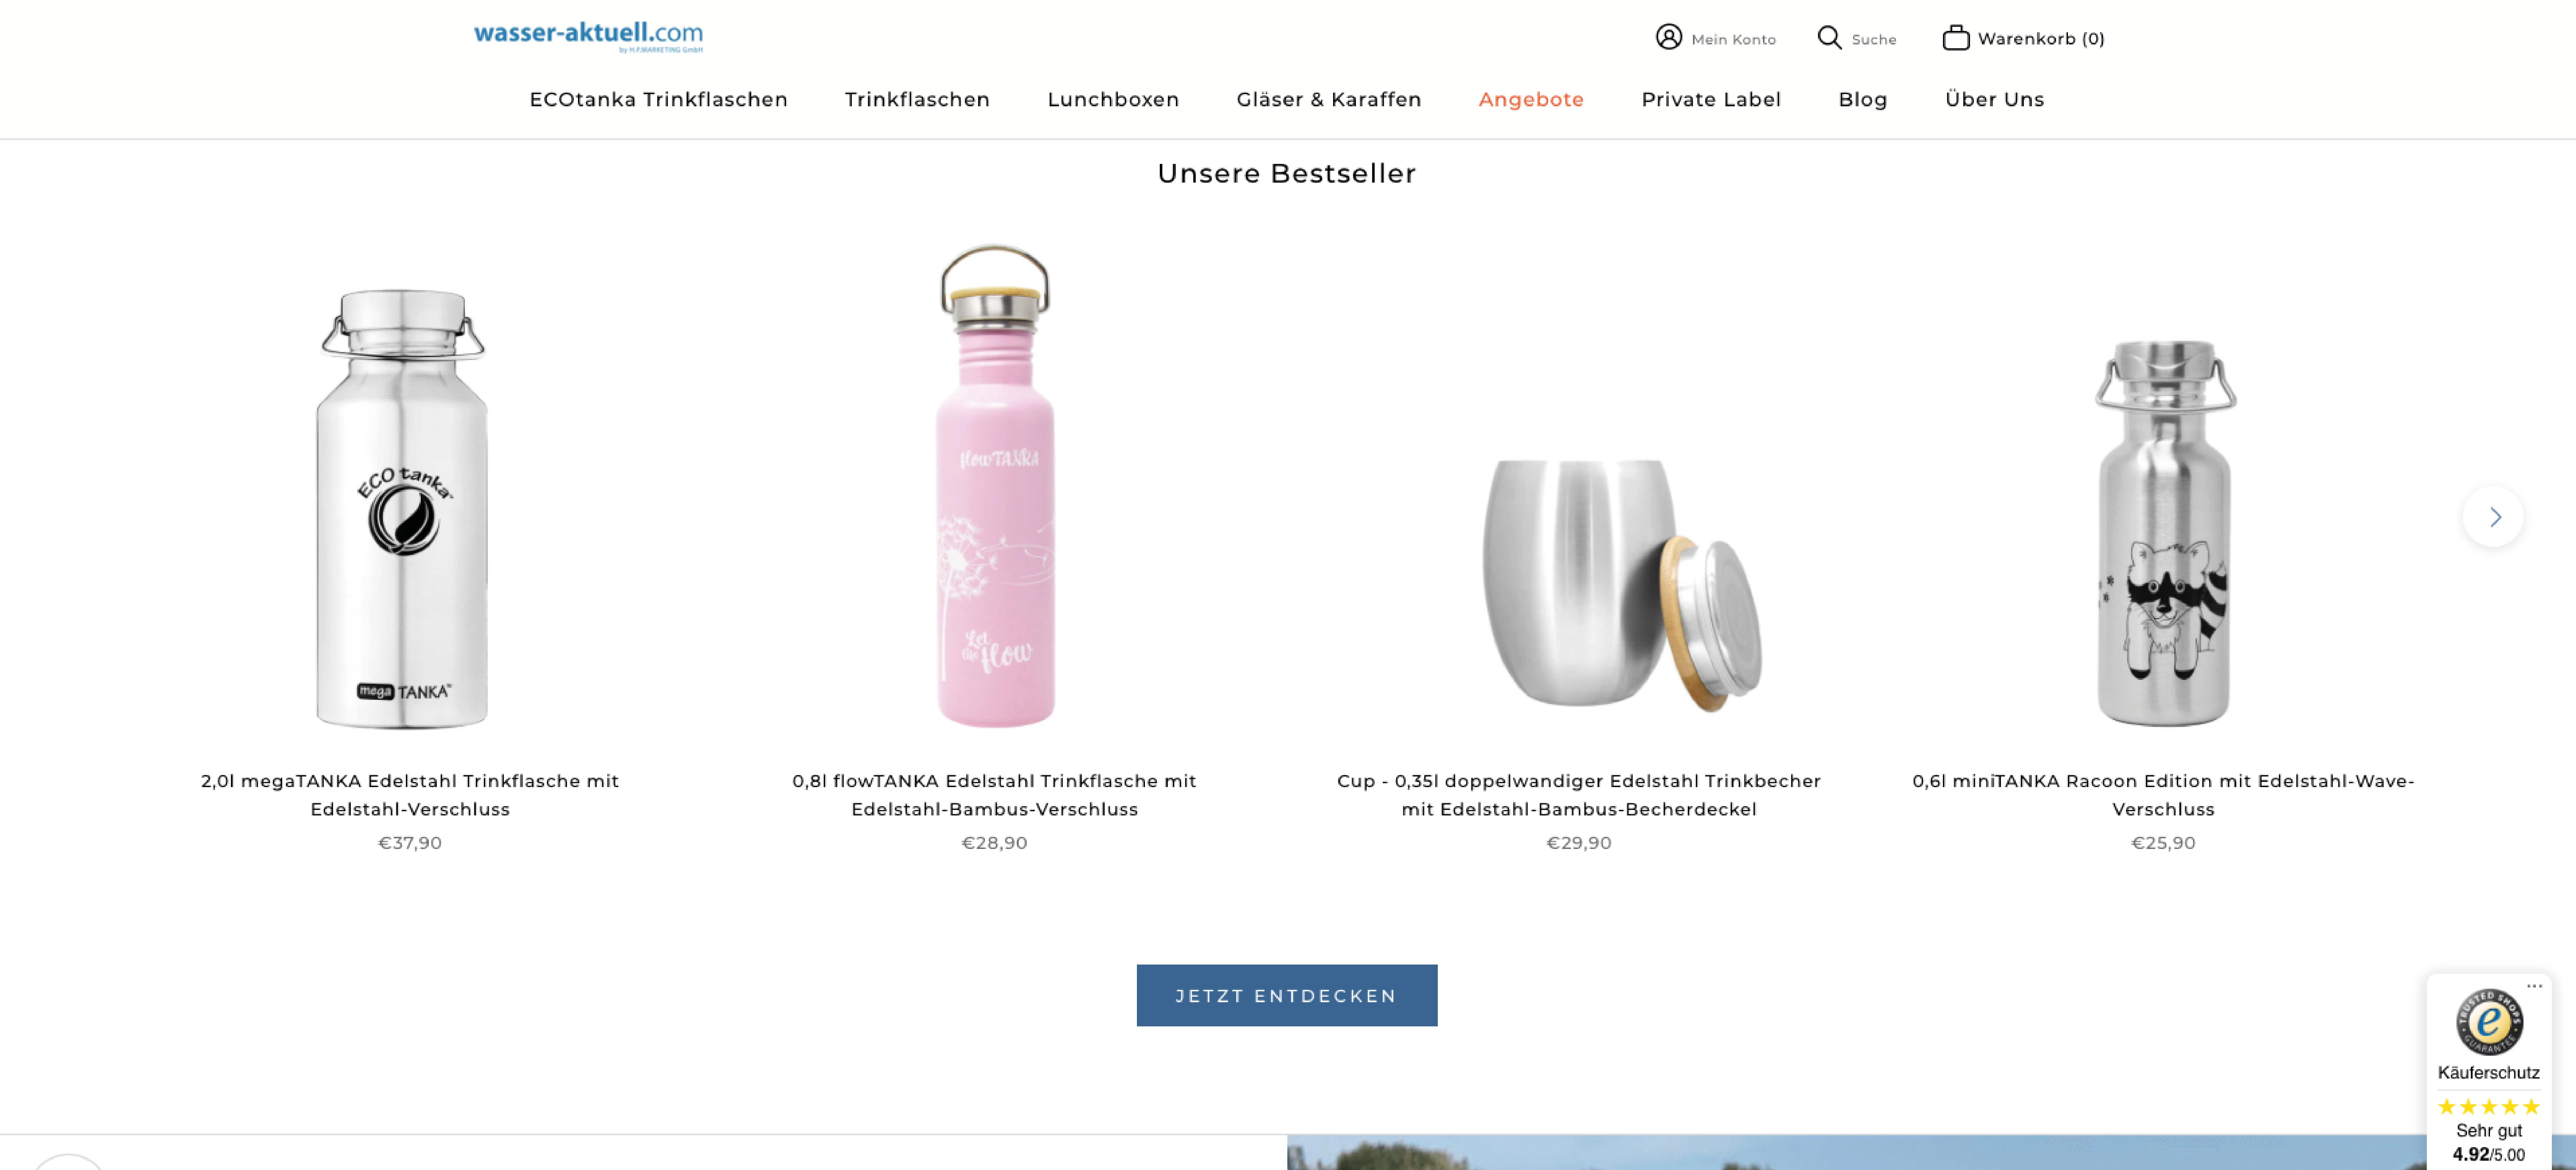 Wasser Aktuell Shop Produkte im neuen Shopify Design